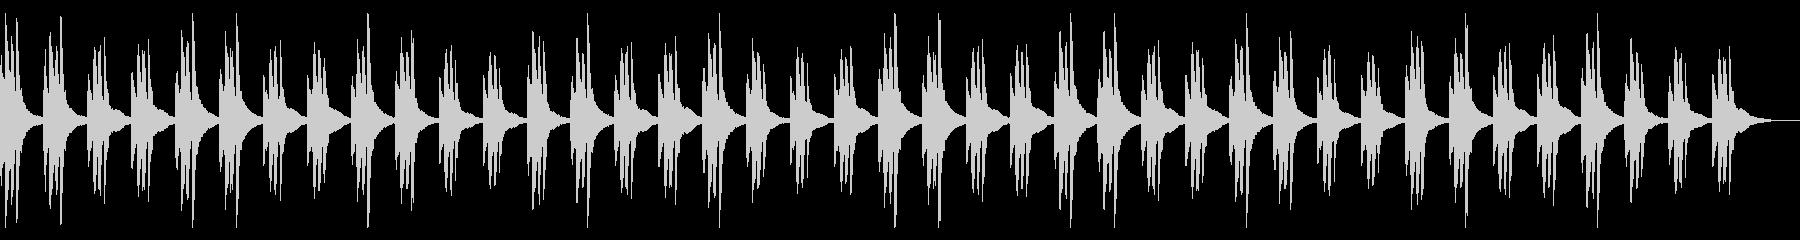 ミステリーな雰囲気のBGMの未再生の波形